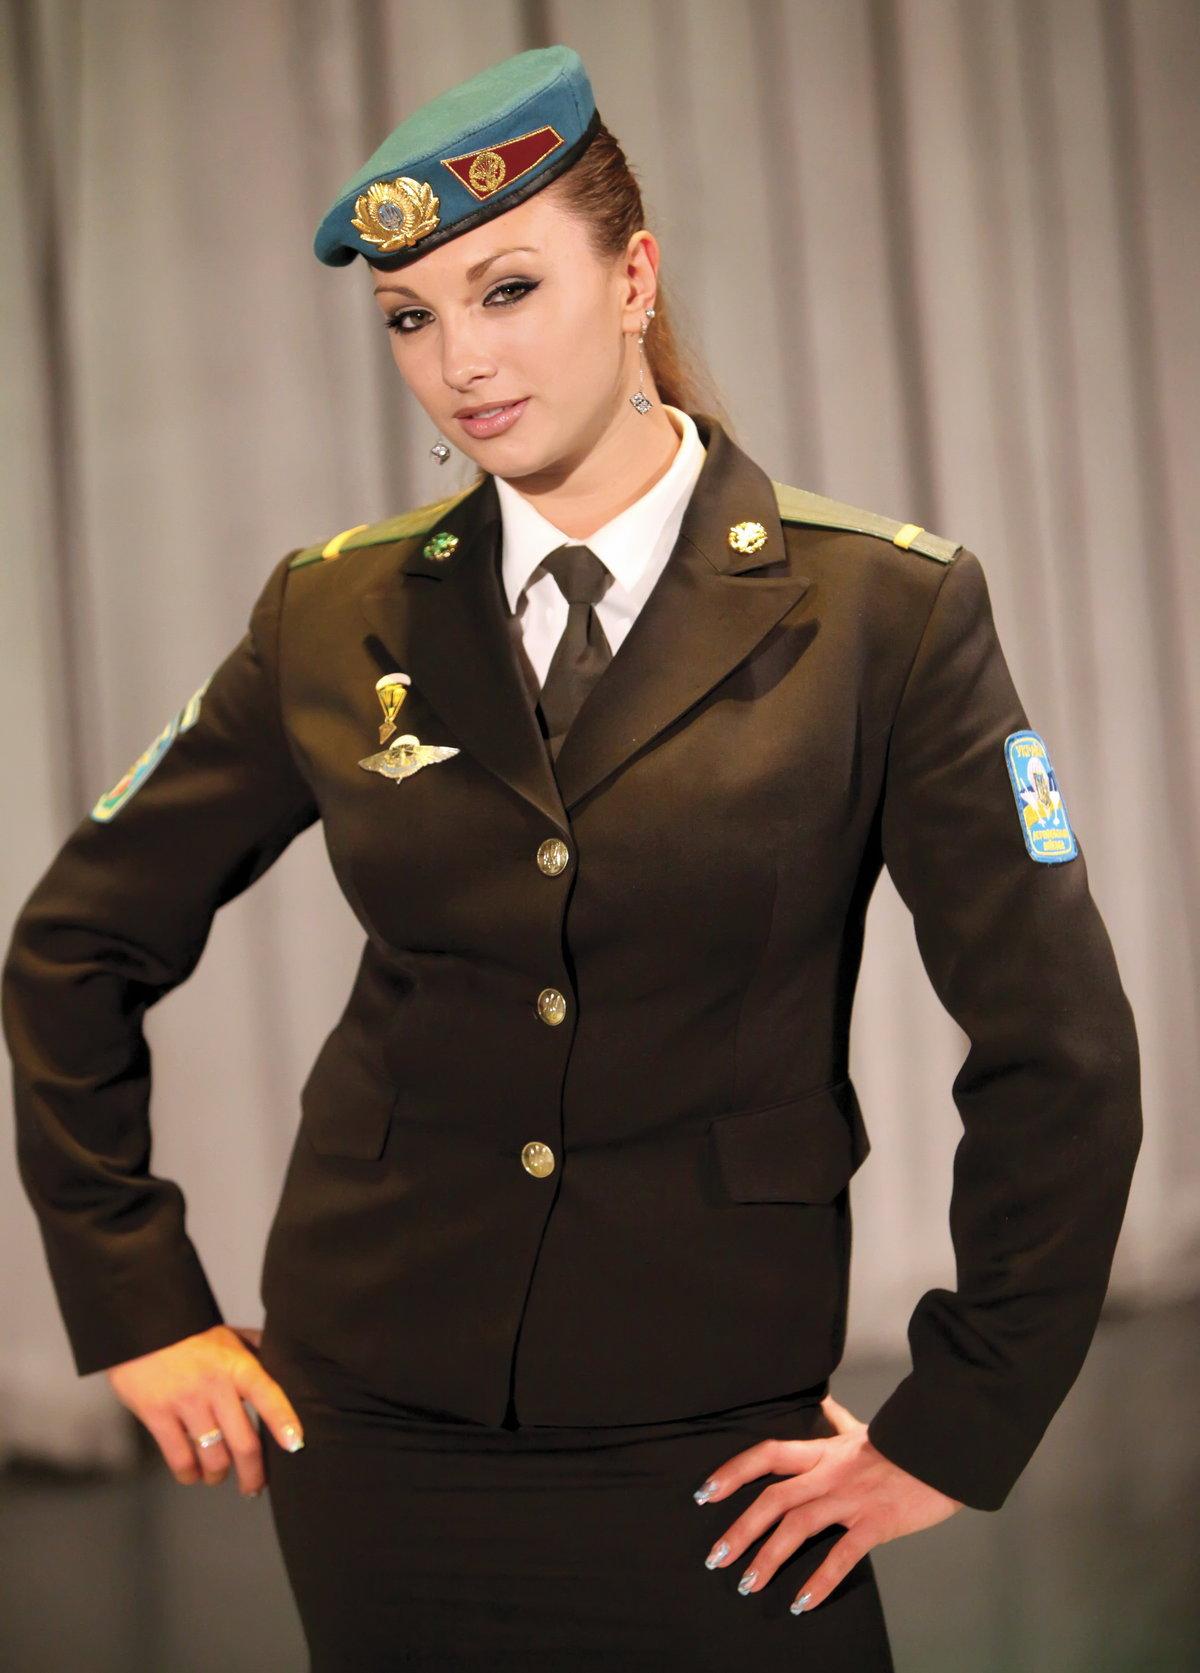 Женская военная форма картинки